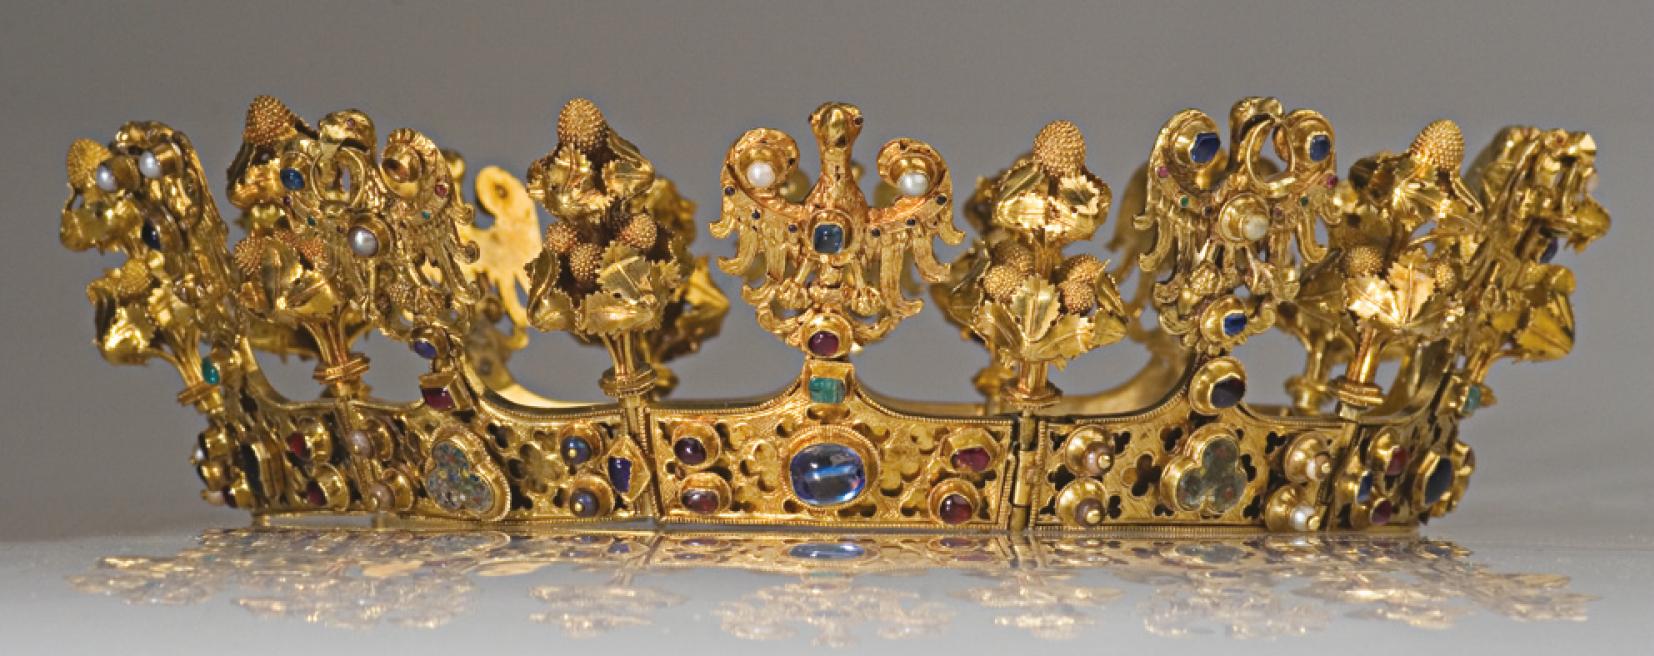 złota korona królowych czeskich